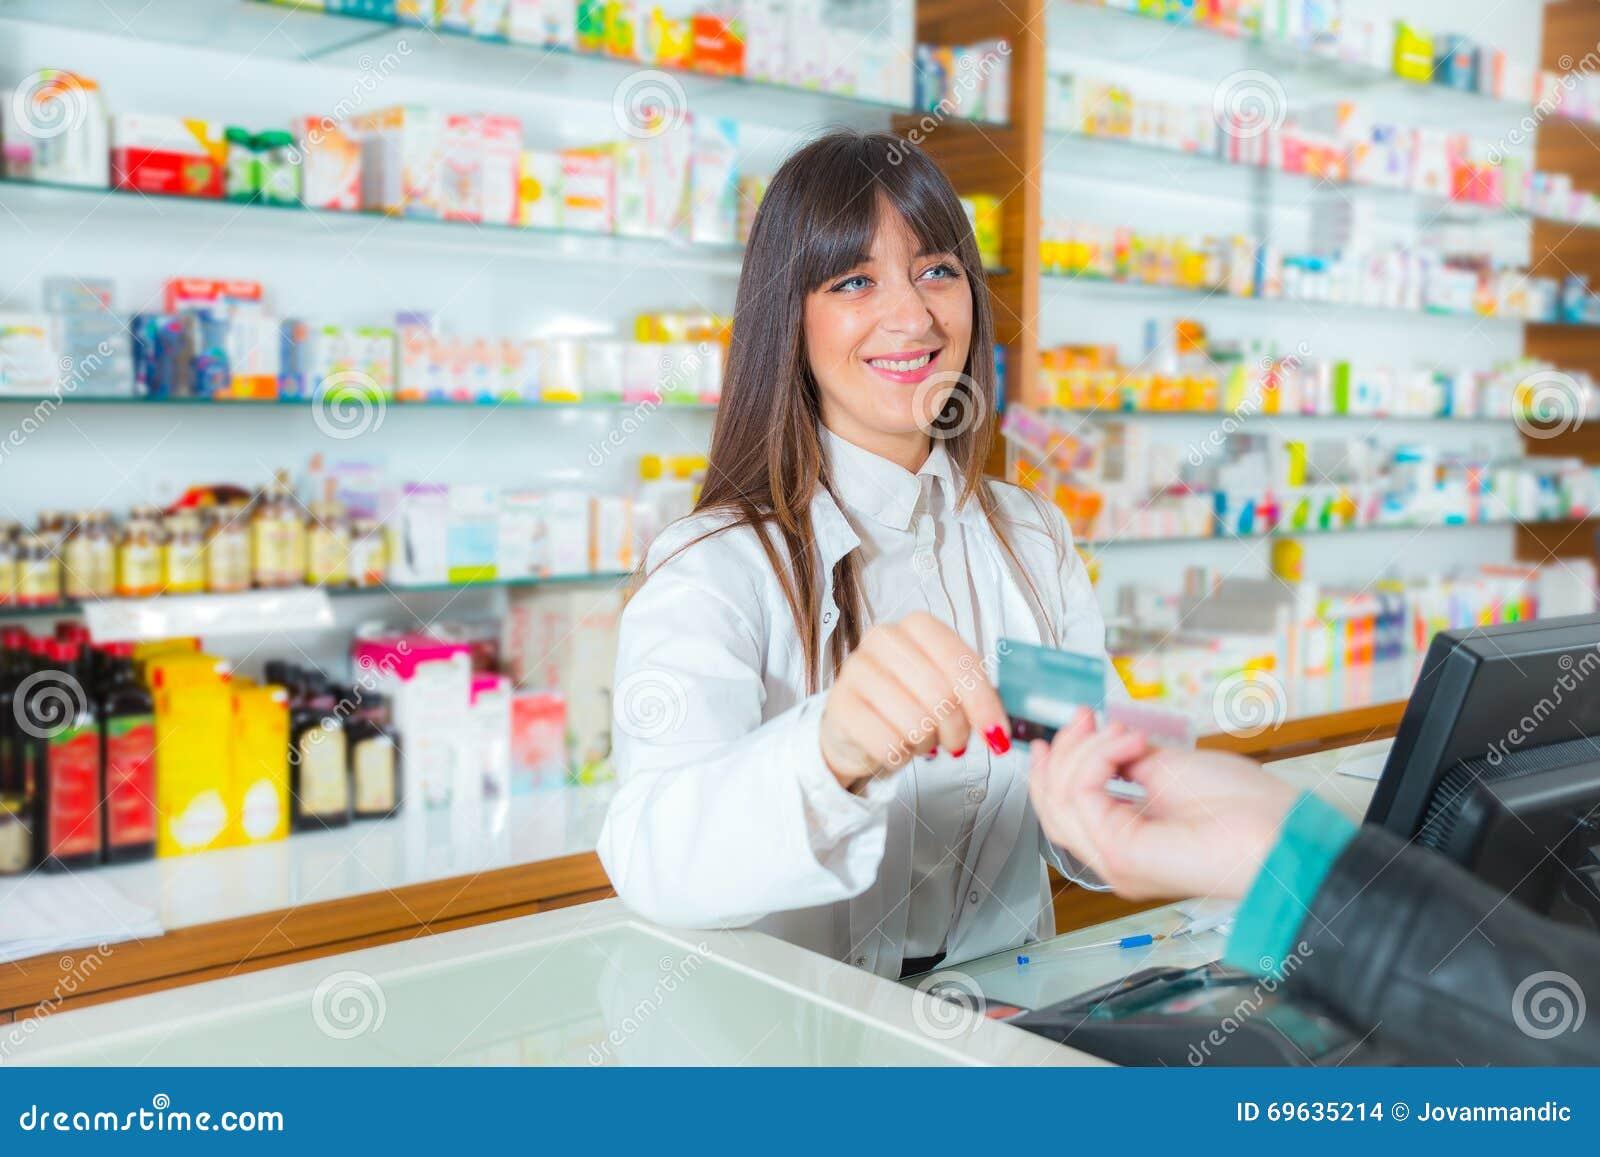 Φαρμακοποιός που προτείνει το ιατρικό φάρμακο στον αγοραστή στο φαρμακείο φαρμακείων